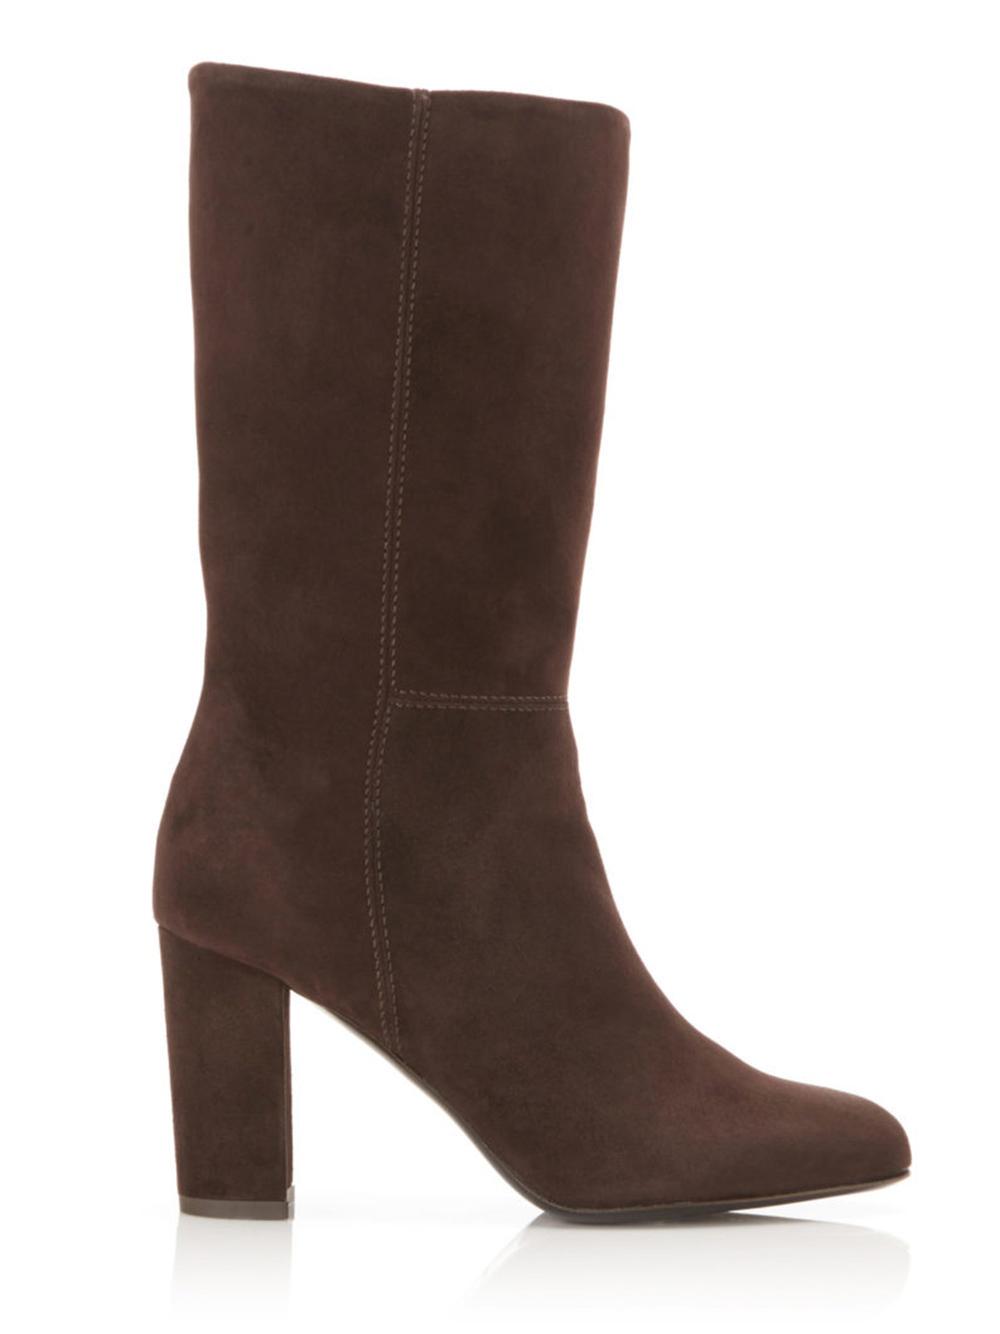 Delila Mid Calf Suede Boot